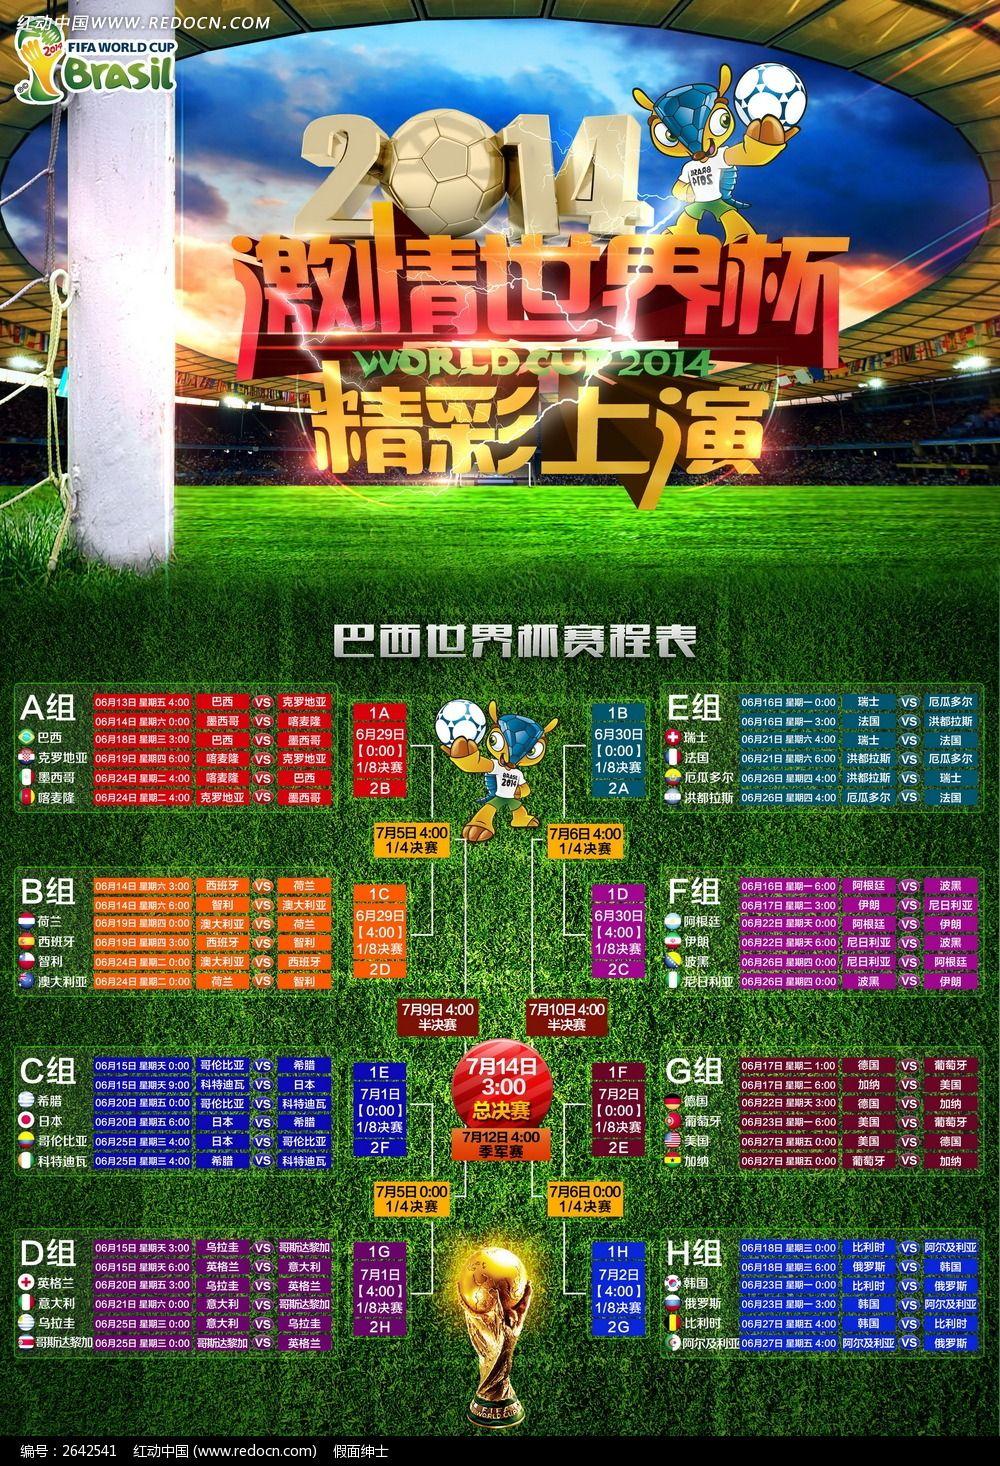 2014巴西世界杯赛程表海报